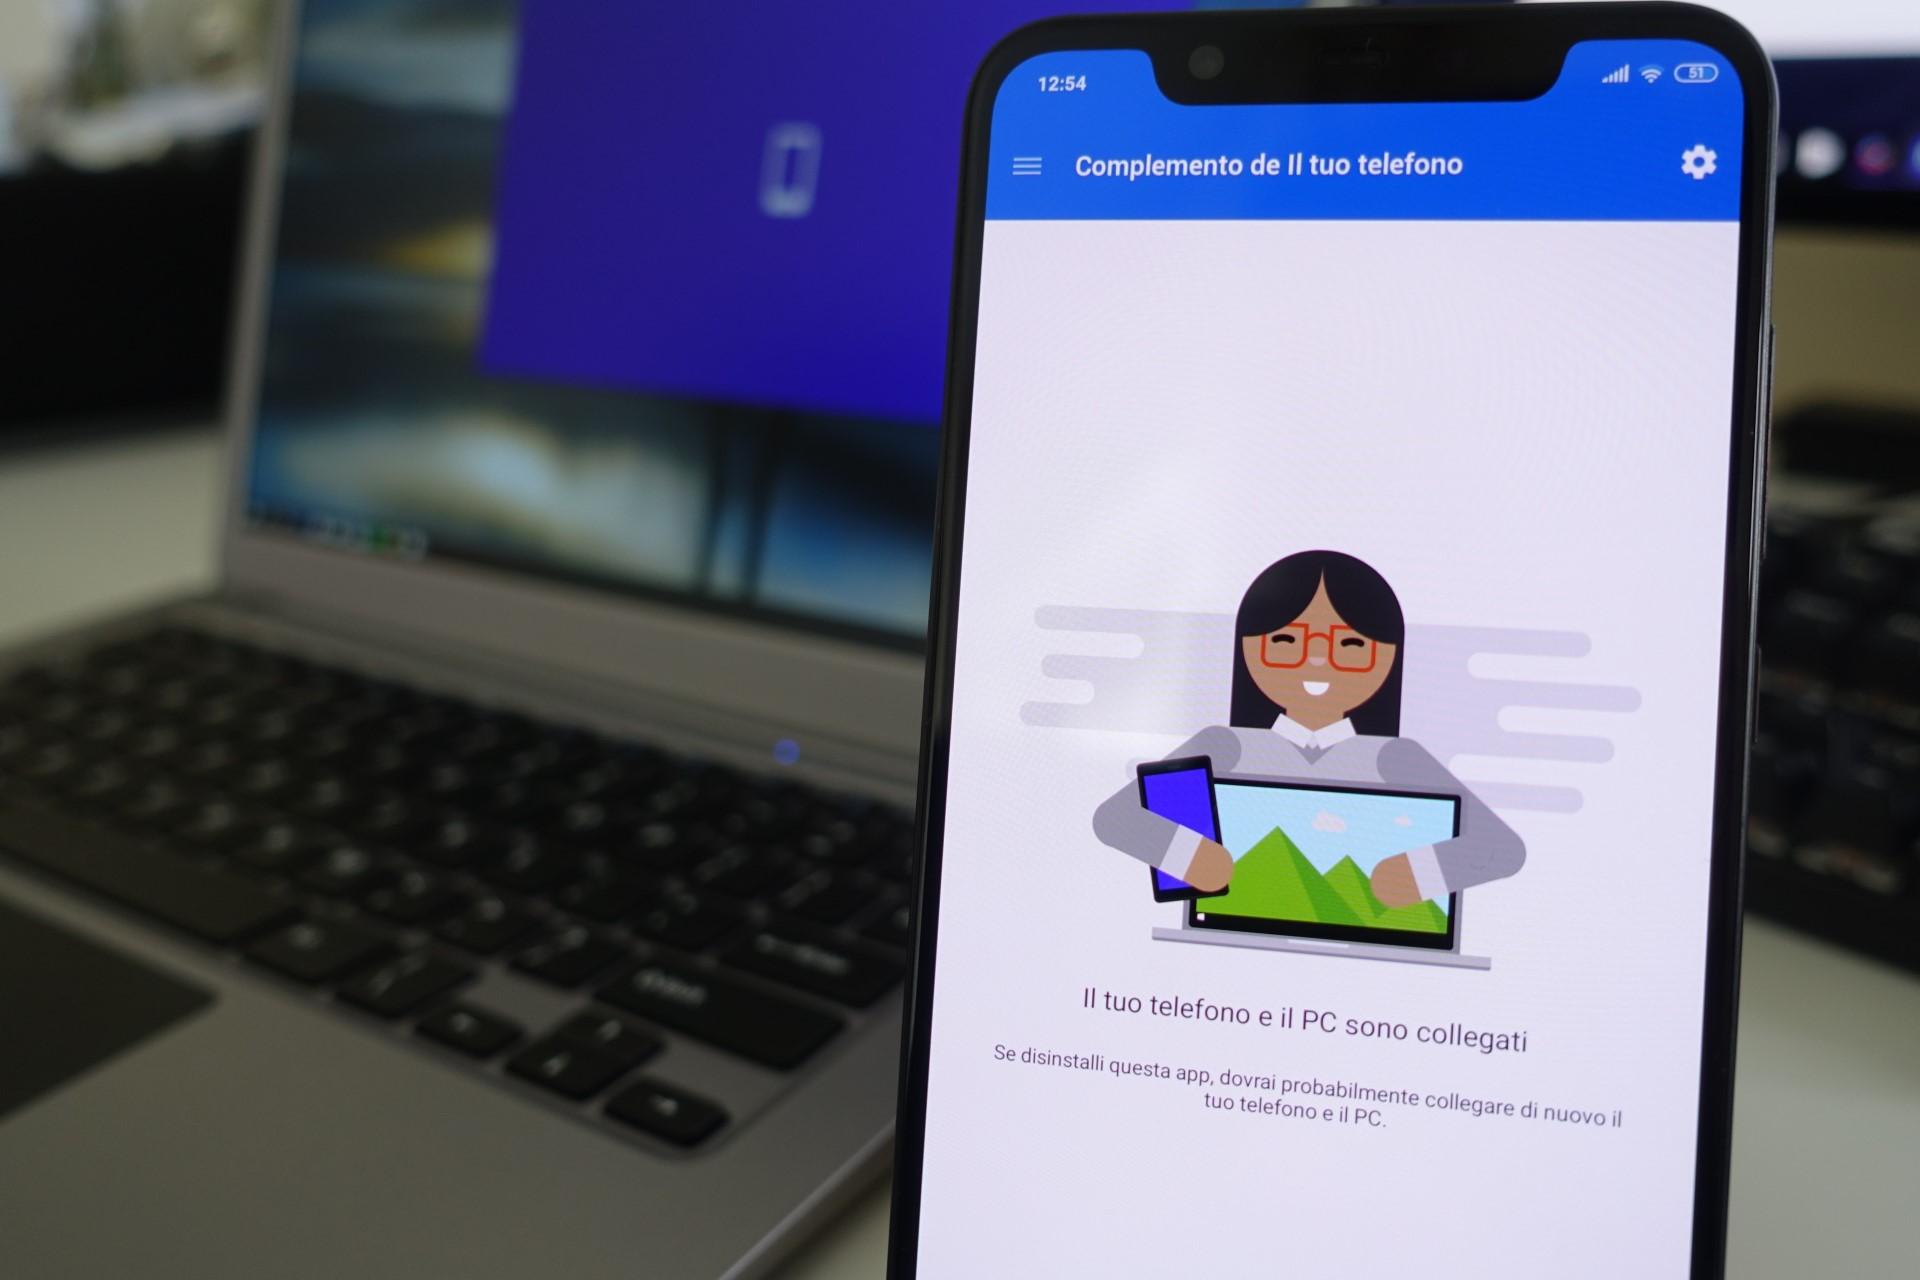 Complemento de Il tuo telefono Android